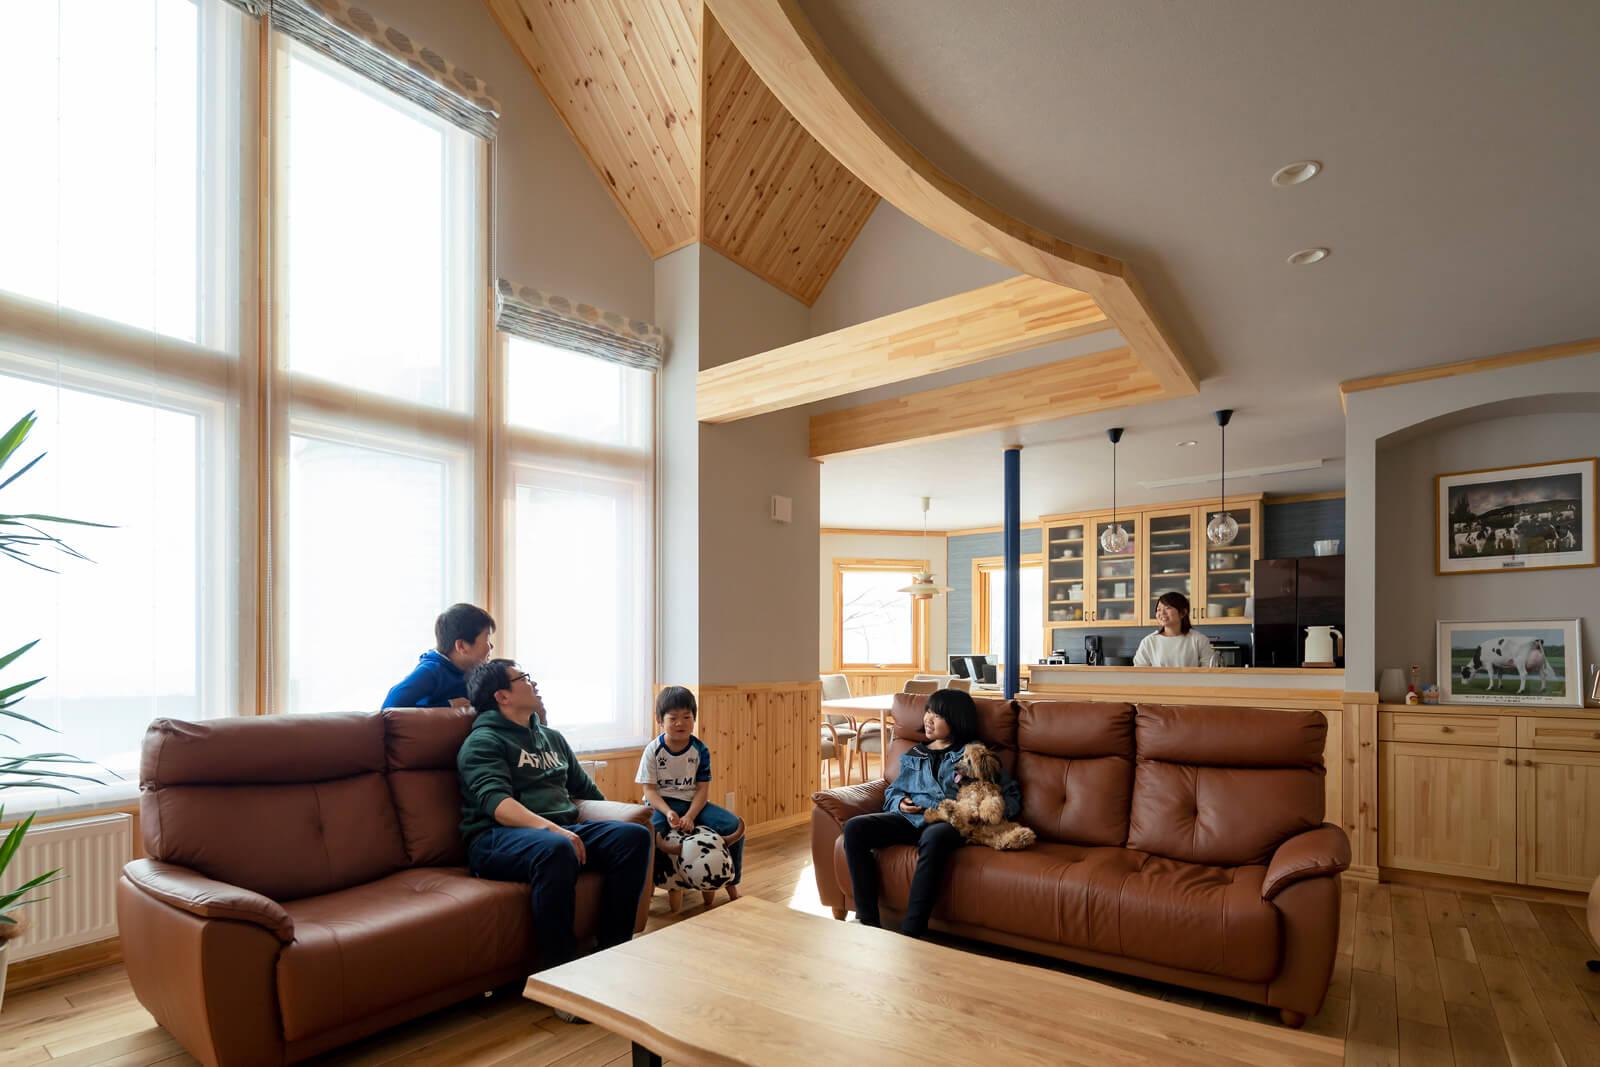 家族が集うLDK。室内を明るく照らす大開口は、トリプルガラスの木製サッシを採用。窓が多くても室内は暖かい